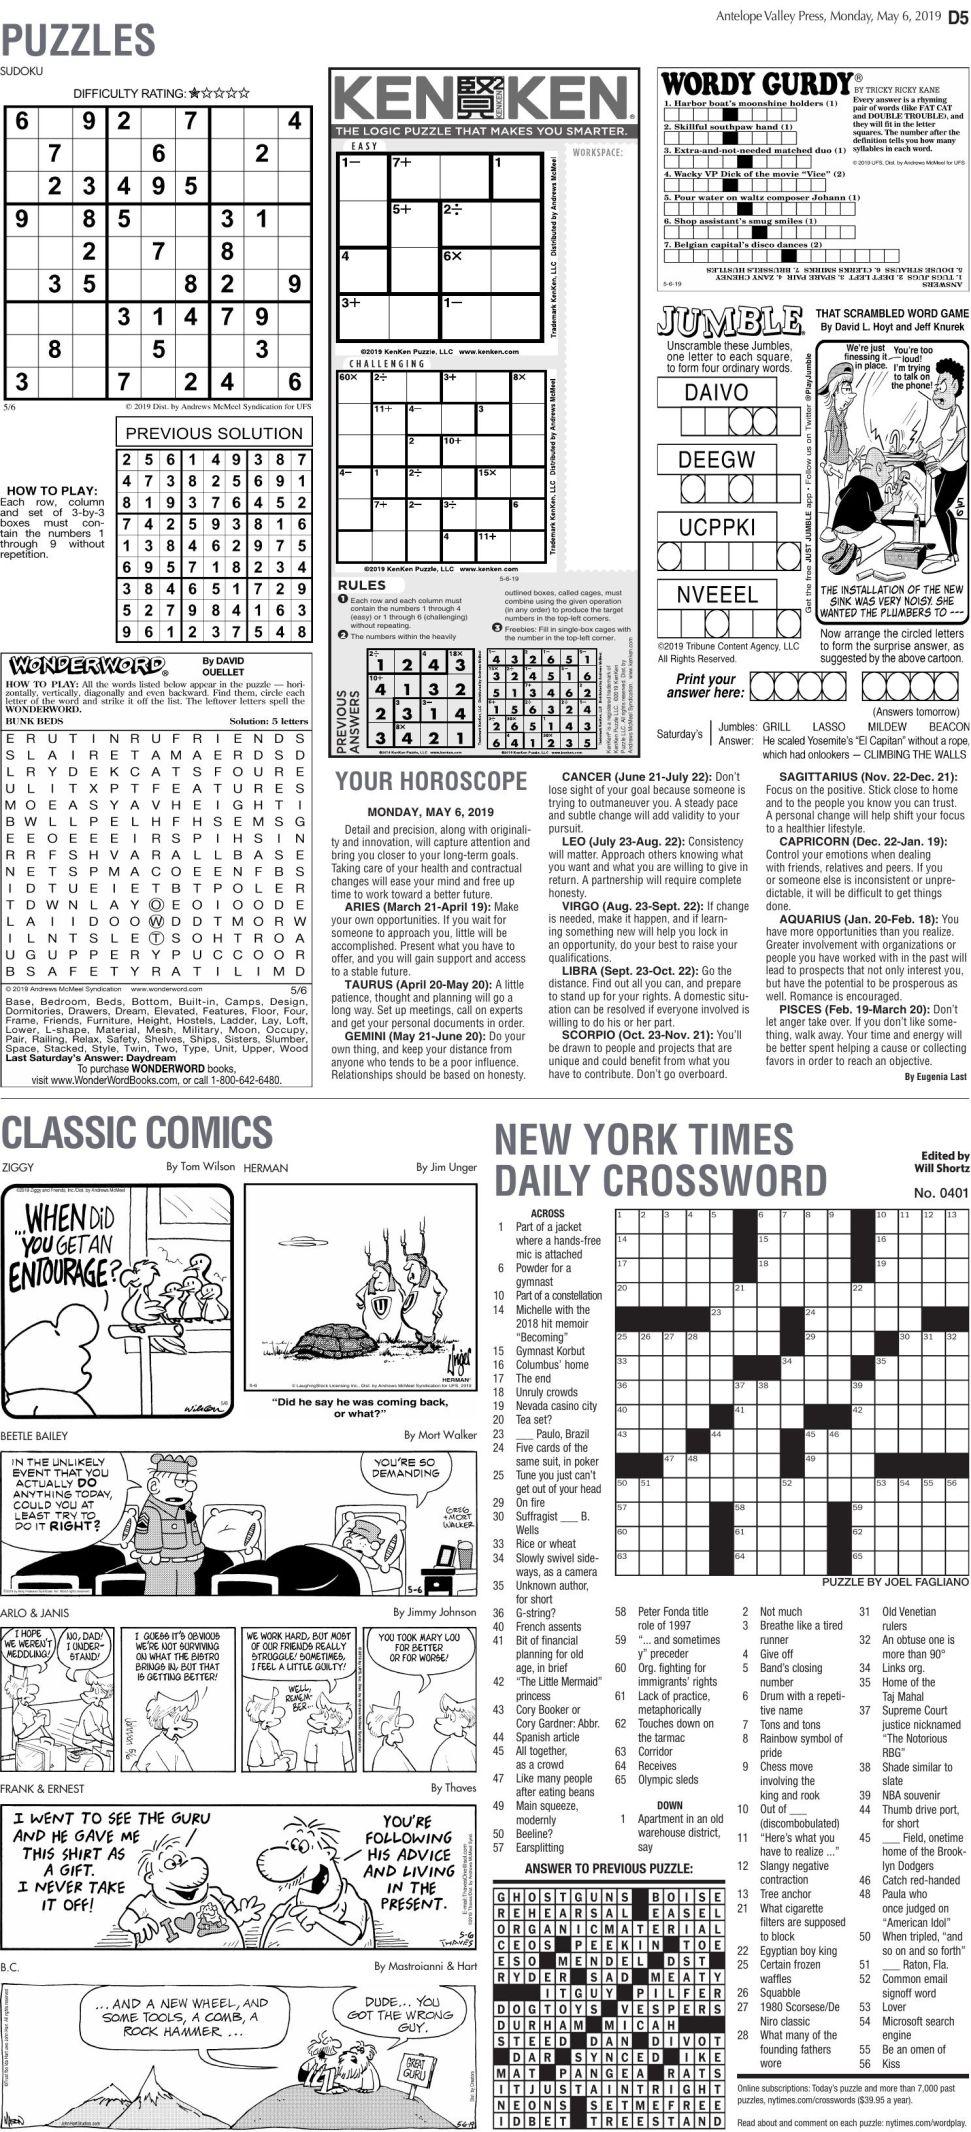 May 6, 2019 Puzzles